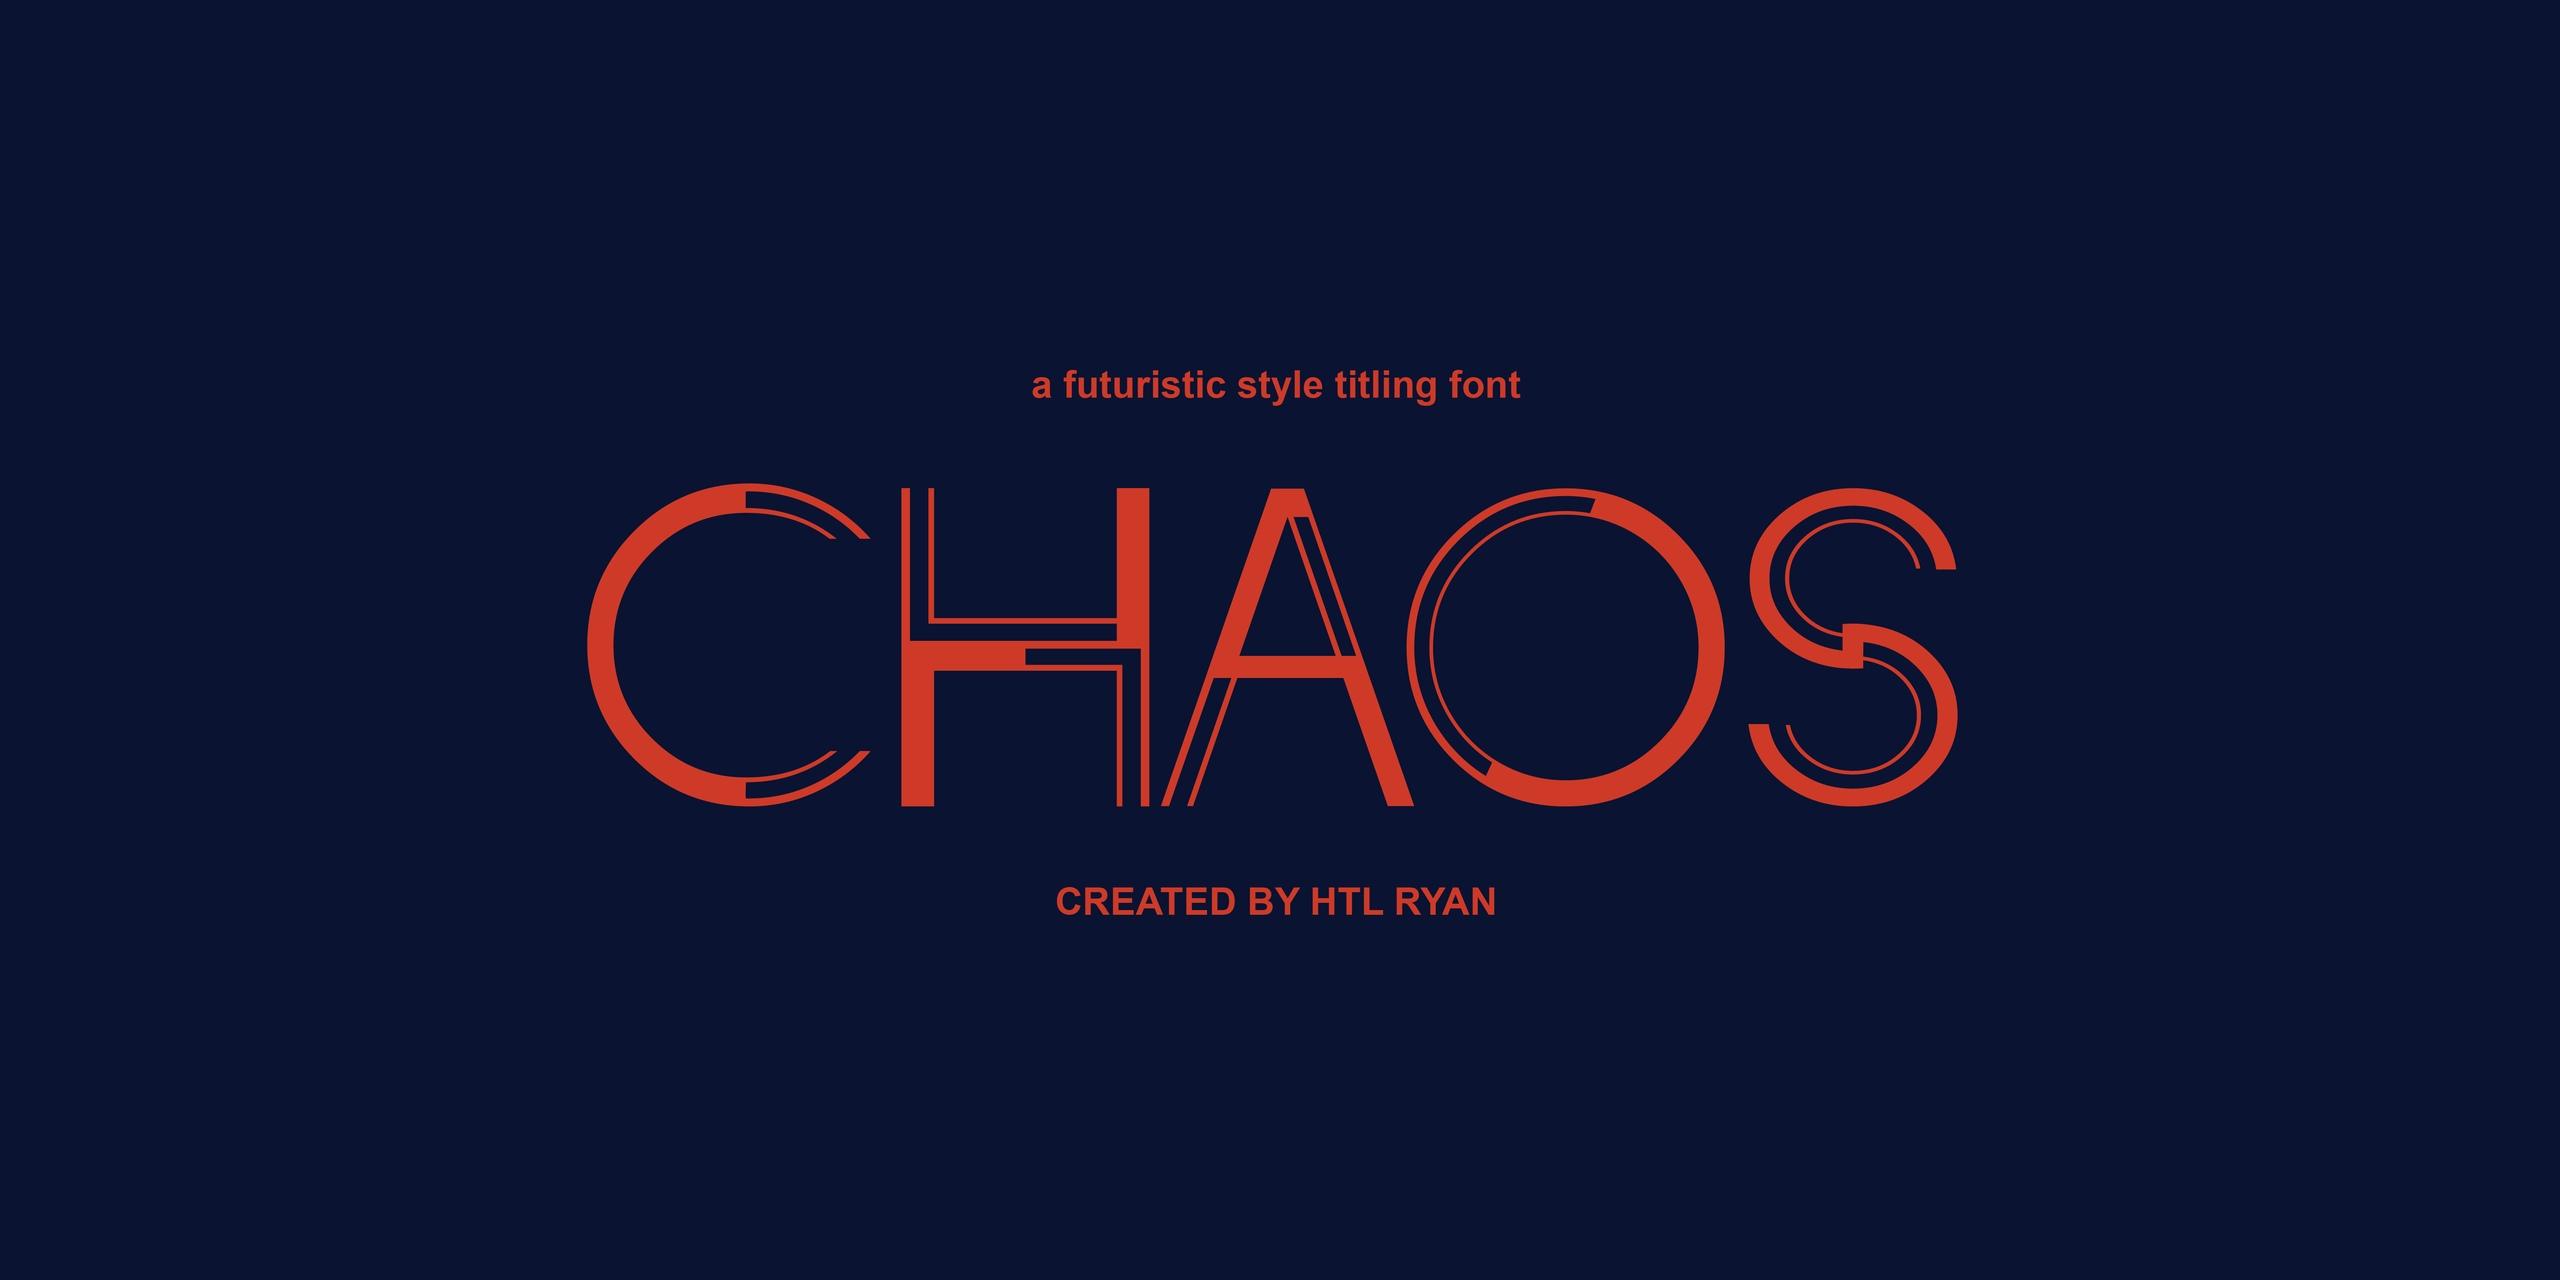 CHAOS个性线条设计logo英文字体下载